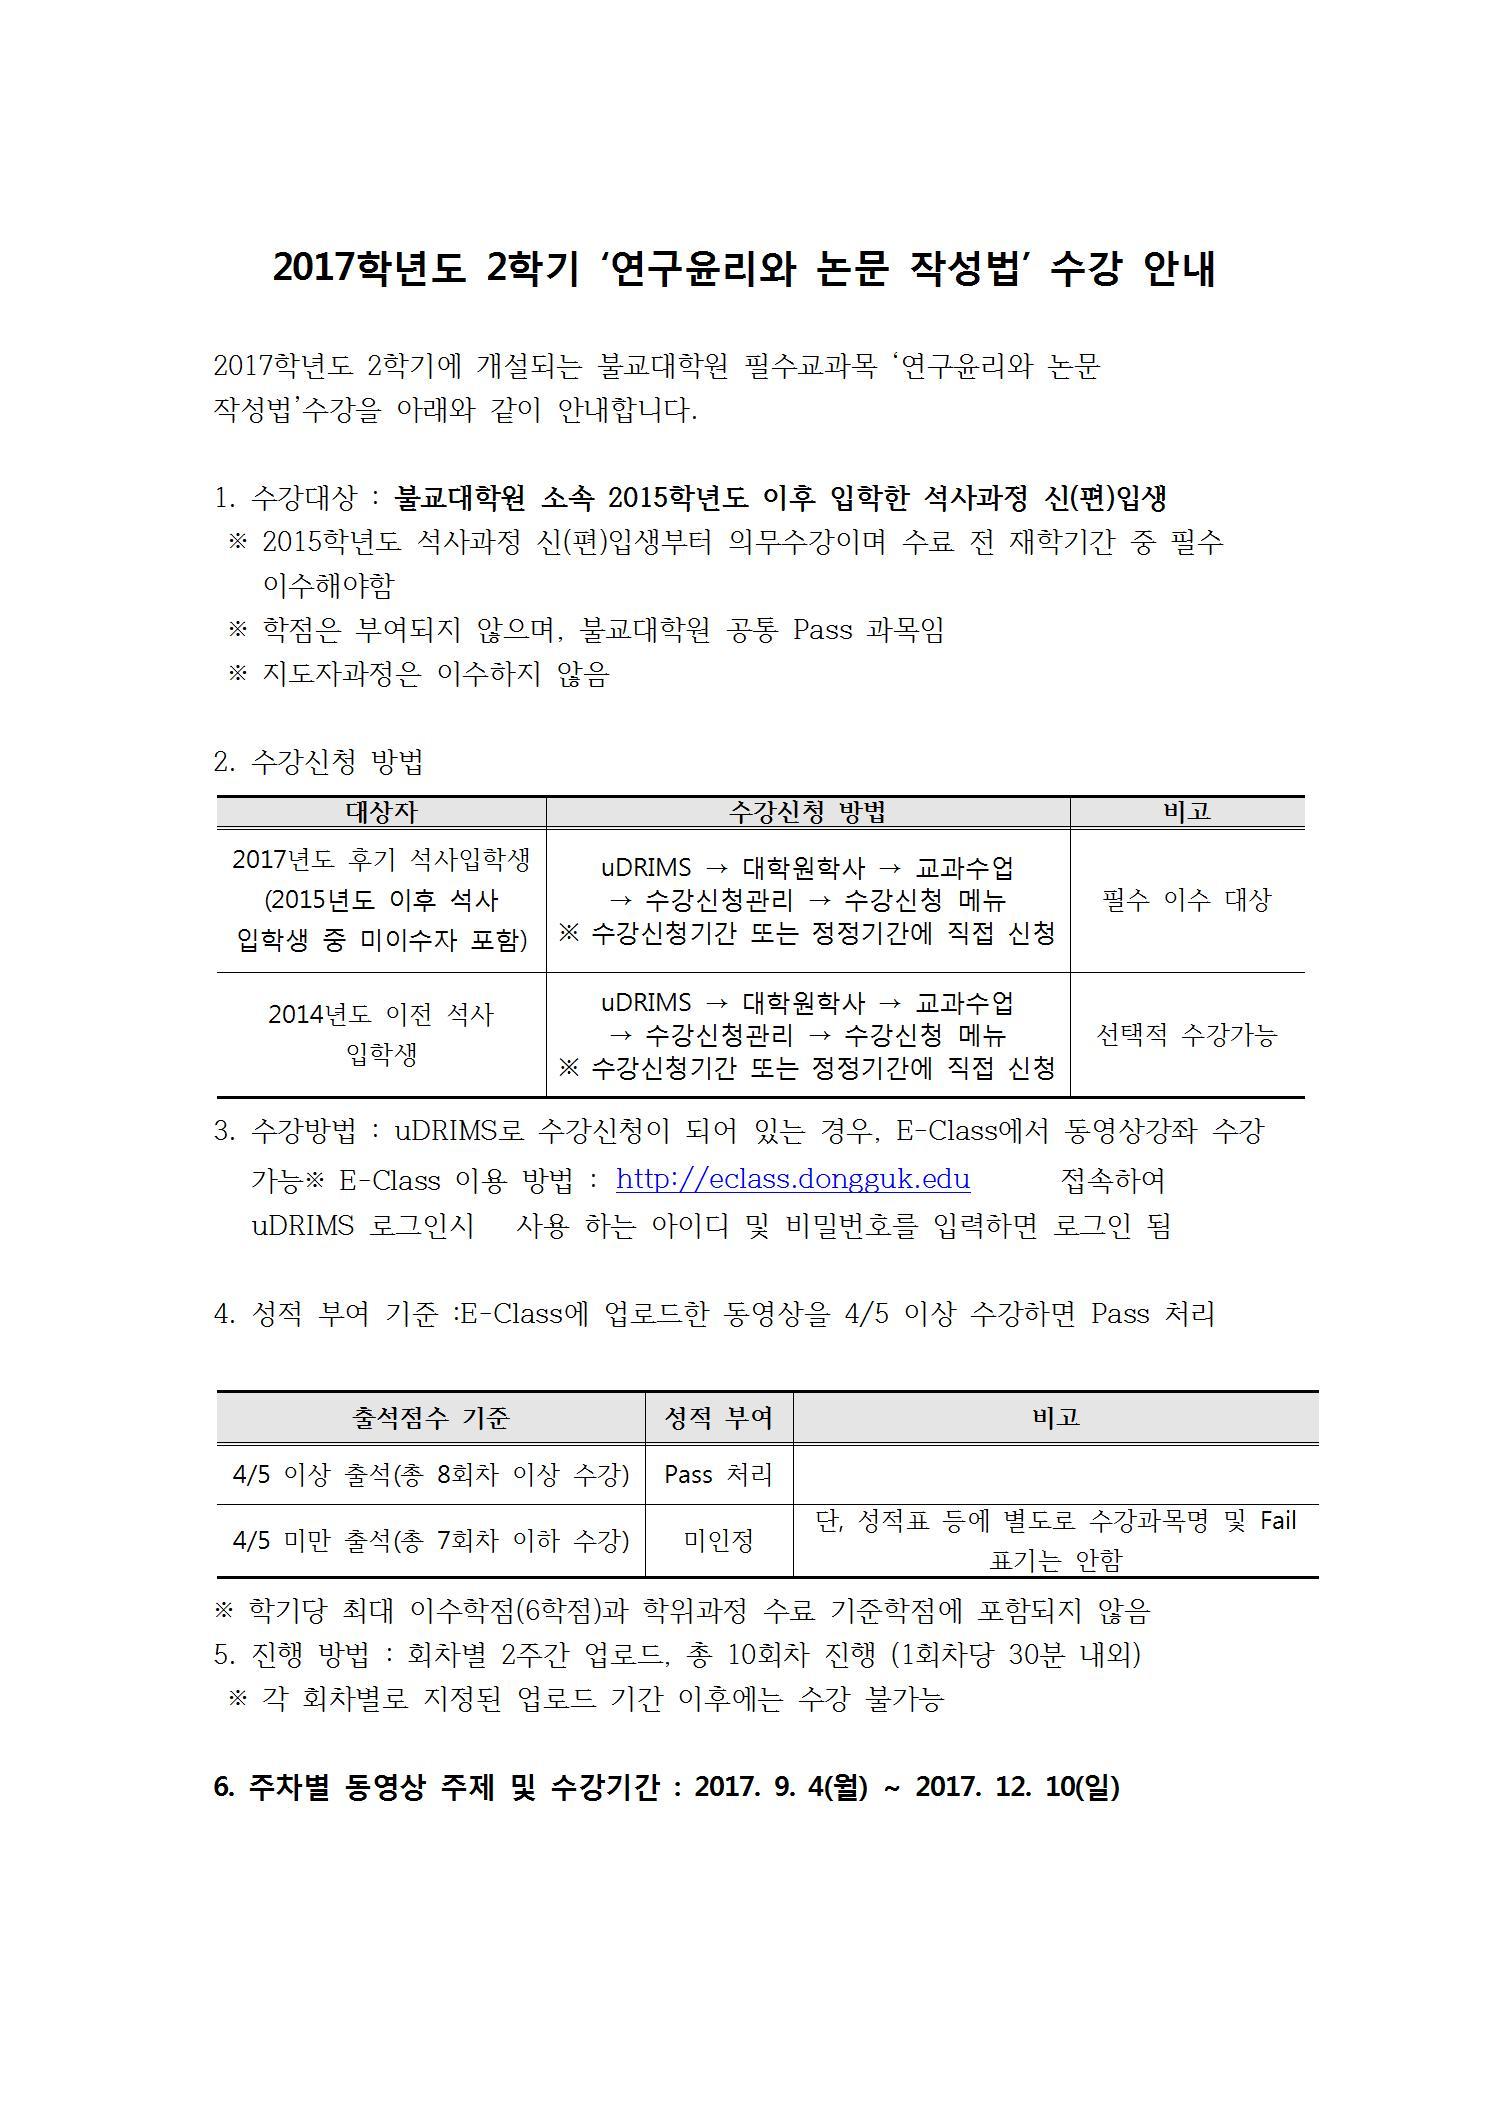 (첨부1) 2017학년도 2학기 '연구윤리와 논문 작성법' 수강 안내001